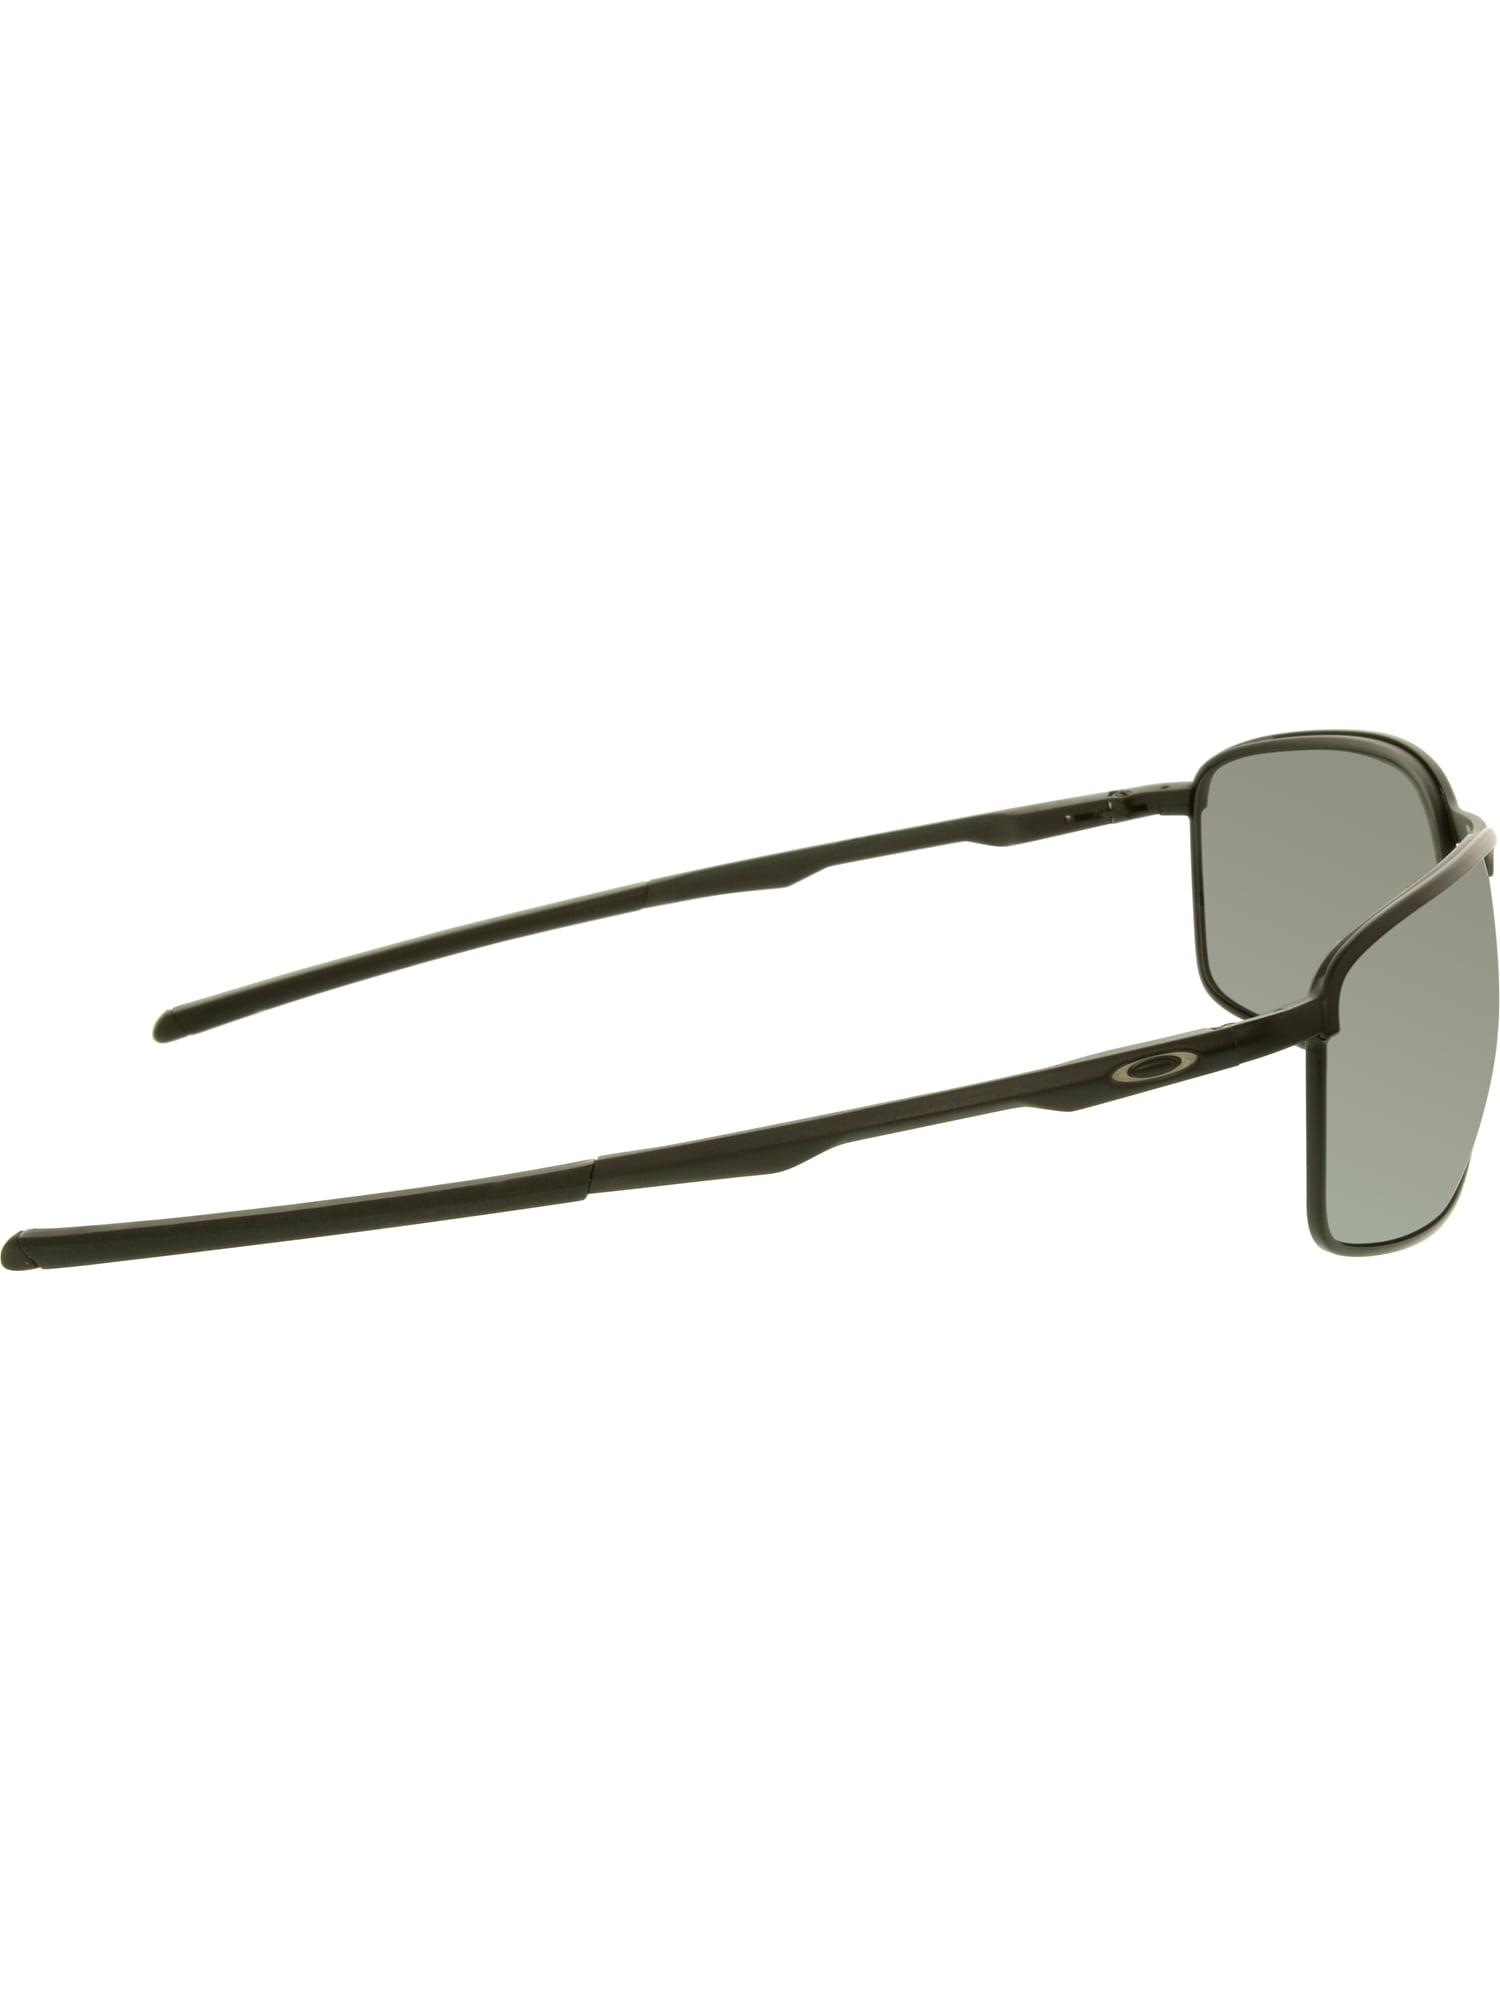 380e0d88e38 Oakley Men s Polarized Conductor 8 OO4107-02 Black Rectangle Sunglasses